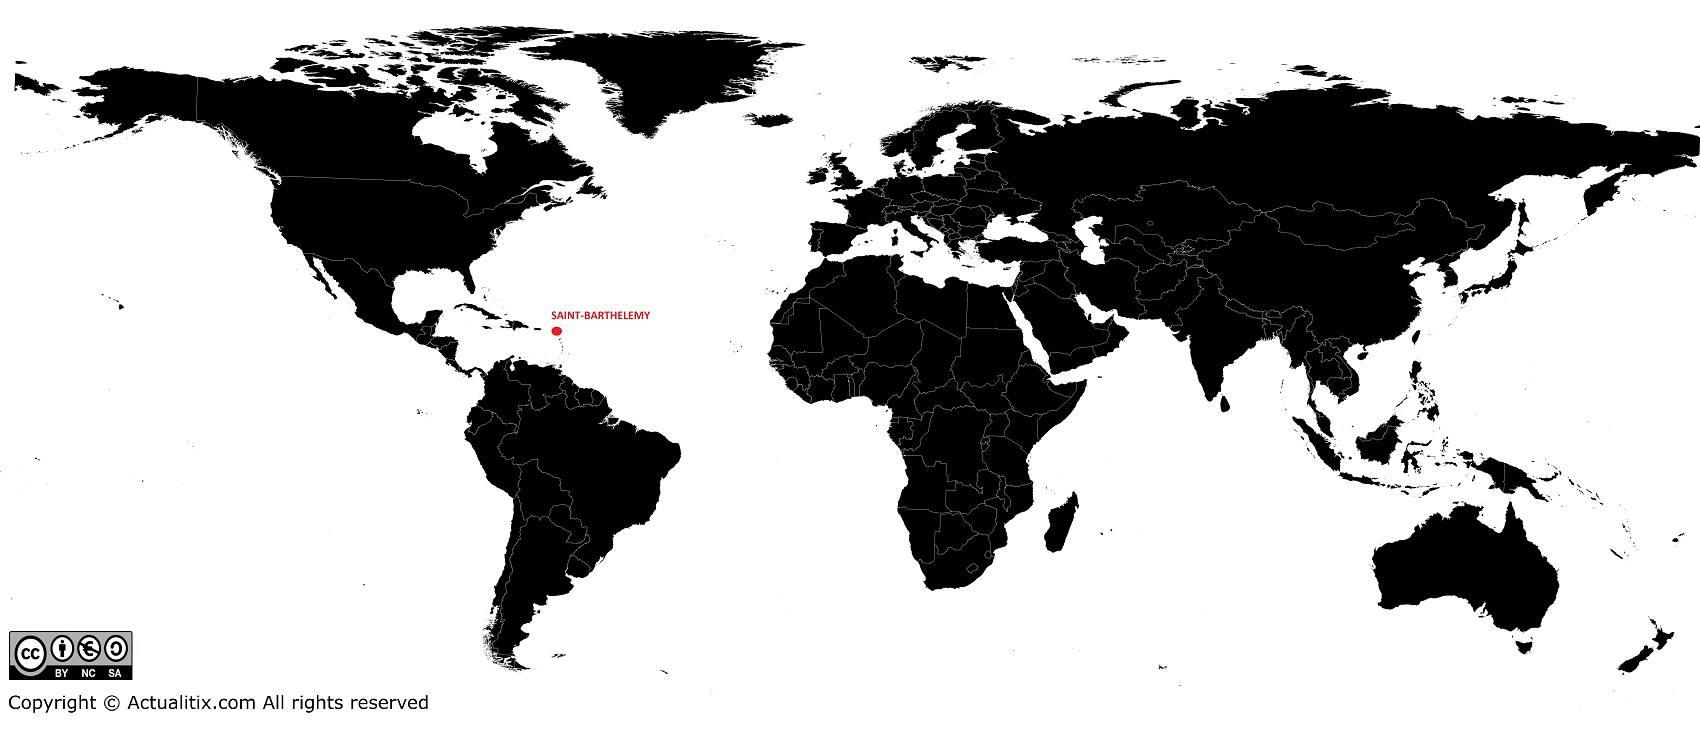 Saint barth Carte du monde